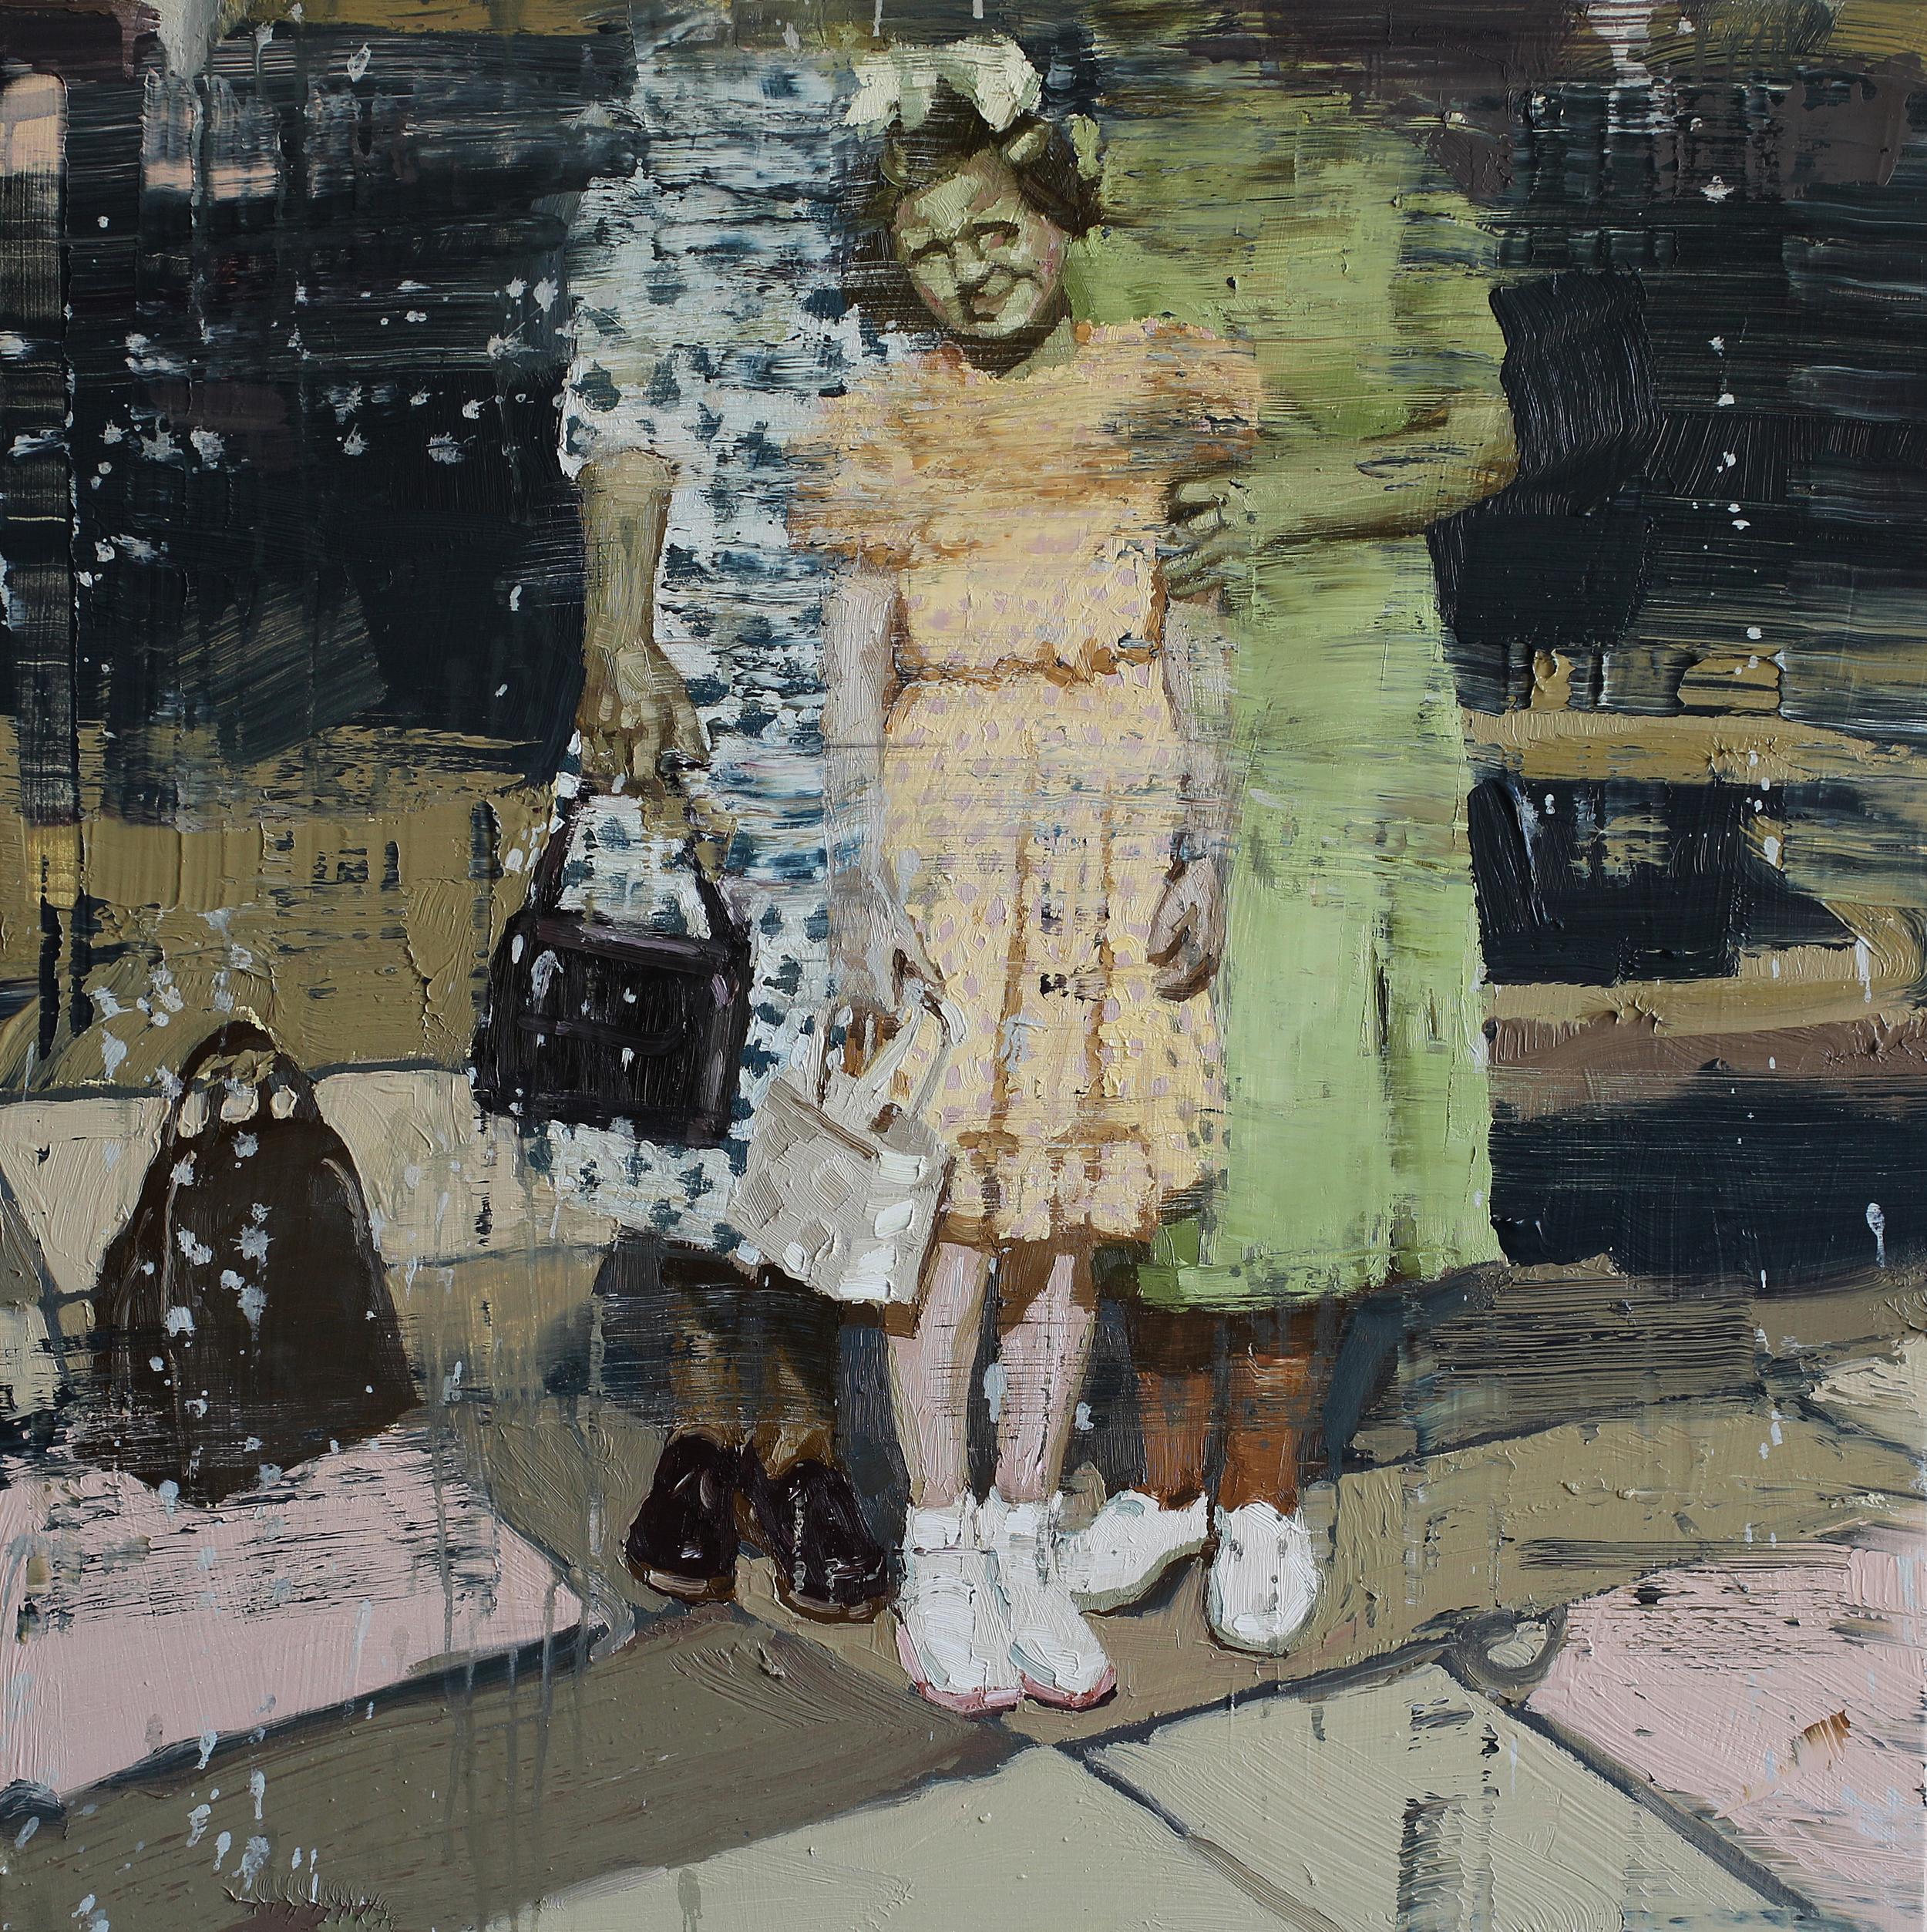 Aud's første håndveske | 80x80 cm | Eggolje på lerret | Privat eie